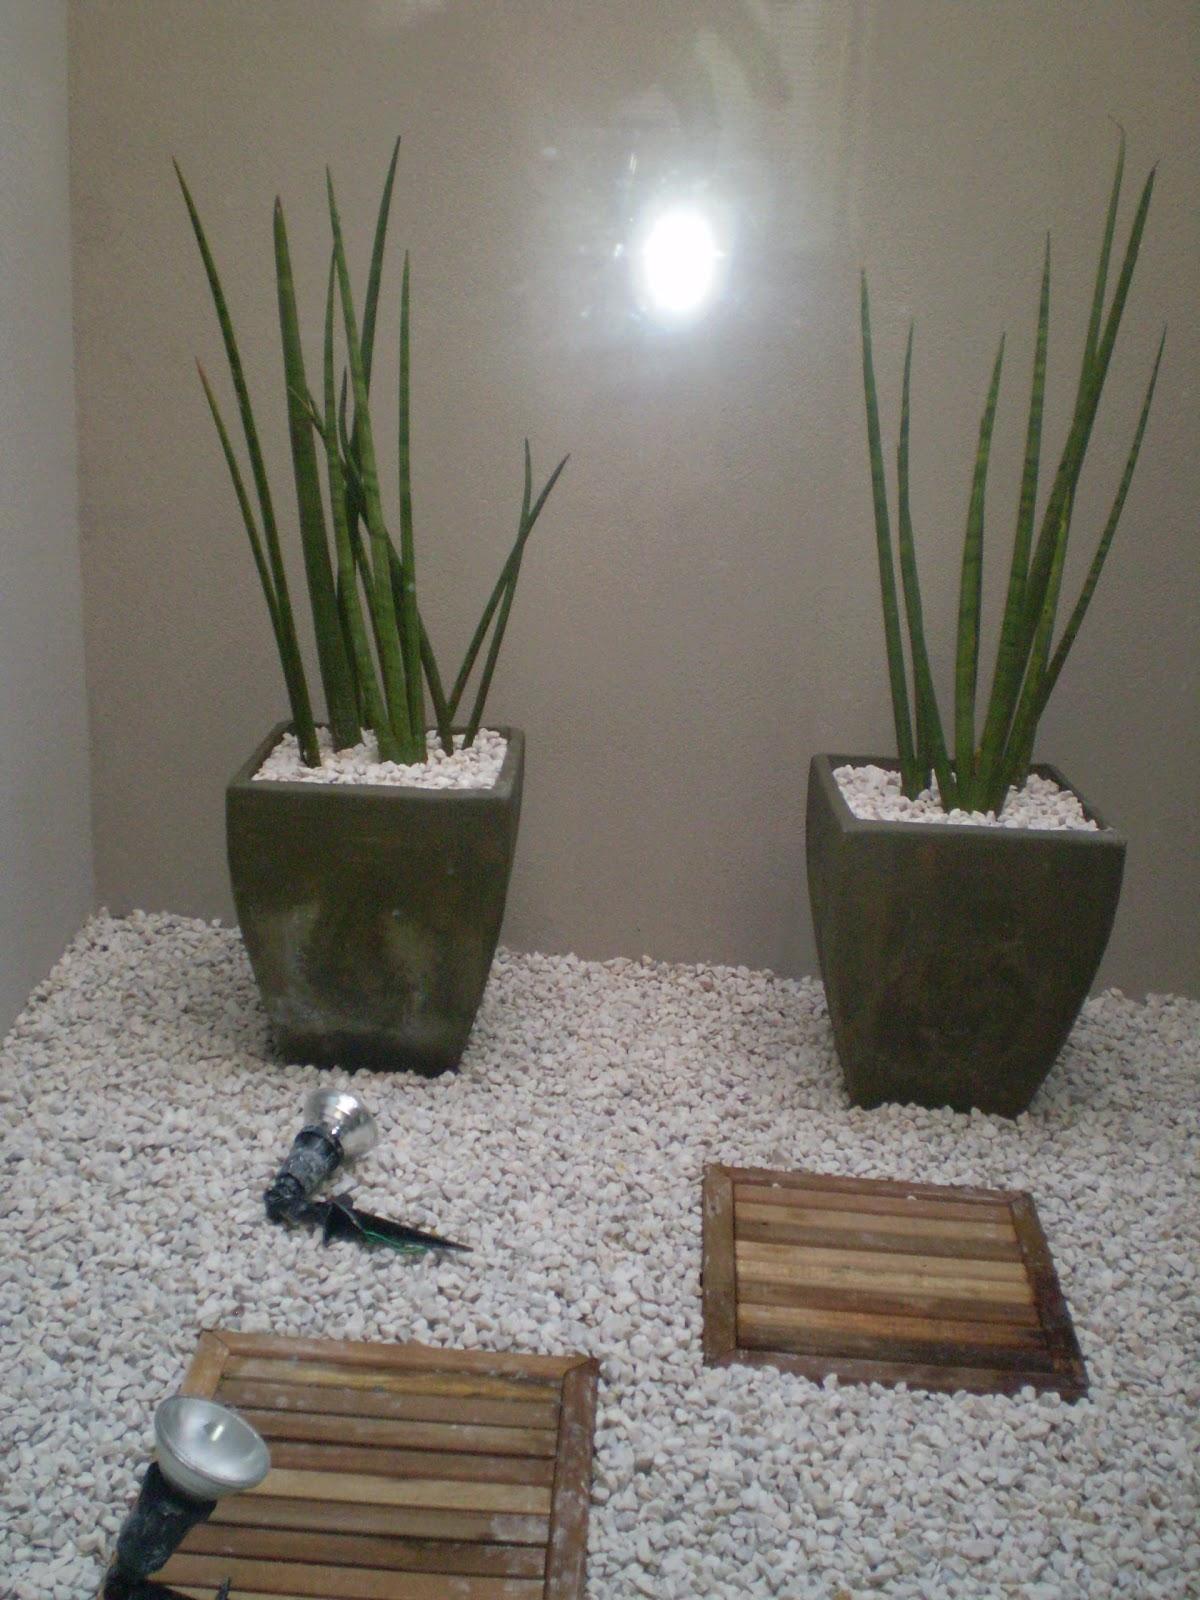 #604D3D jardim de inverno vasos jardim vertical 1200x1600 px jardim de inverno no banheiro como fazer